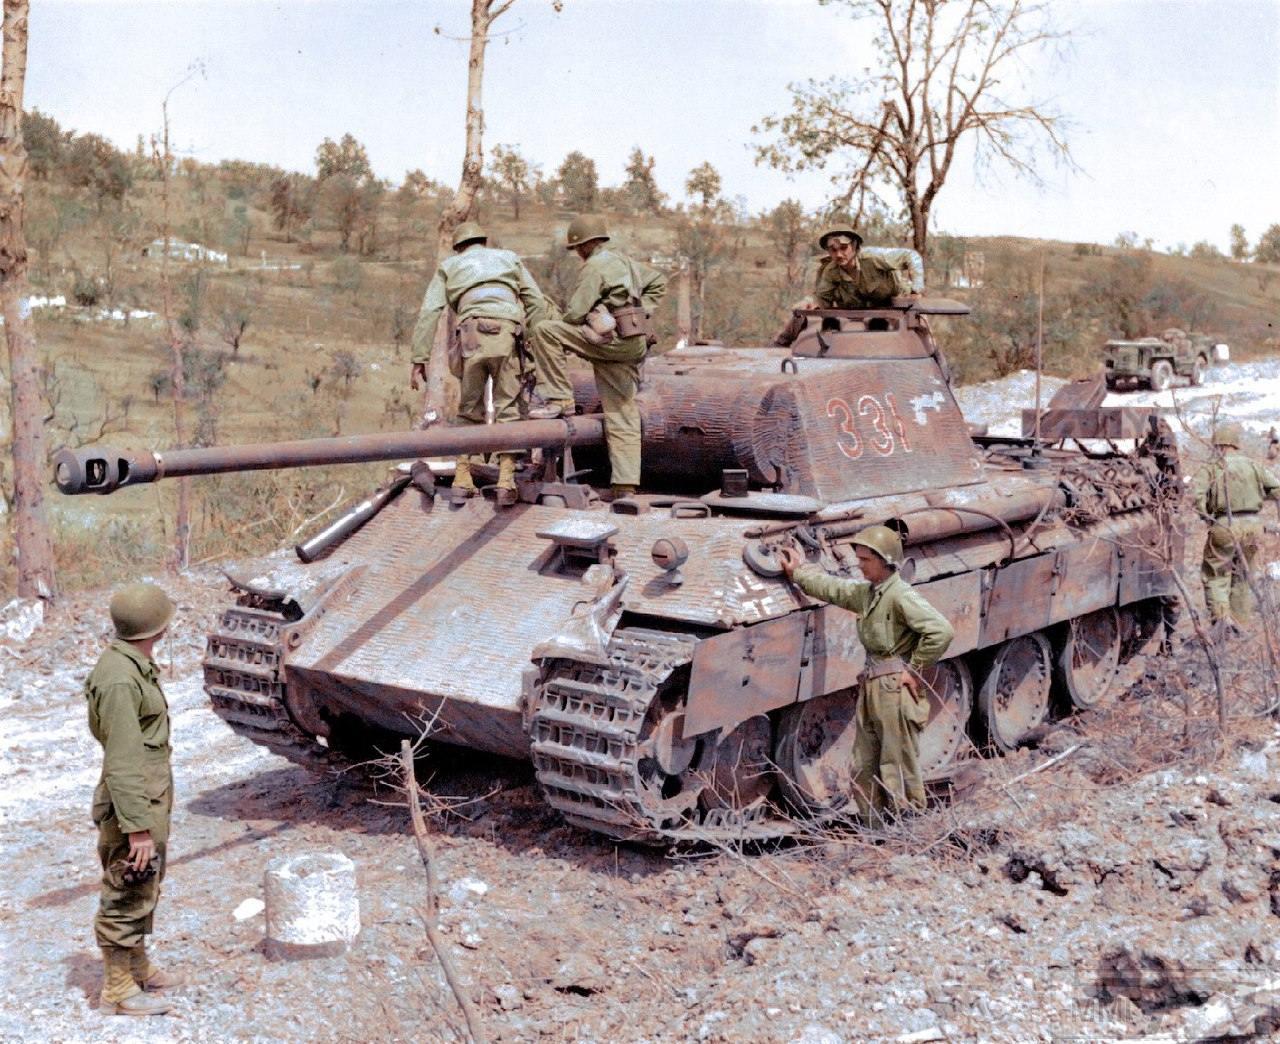 19334 - Achtung Panzer!